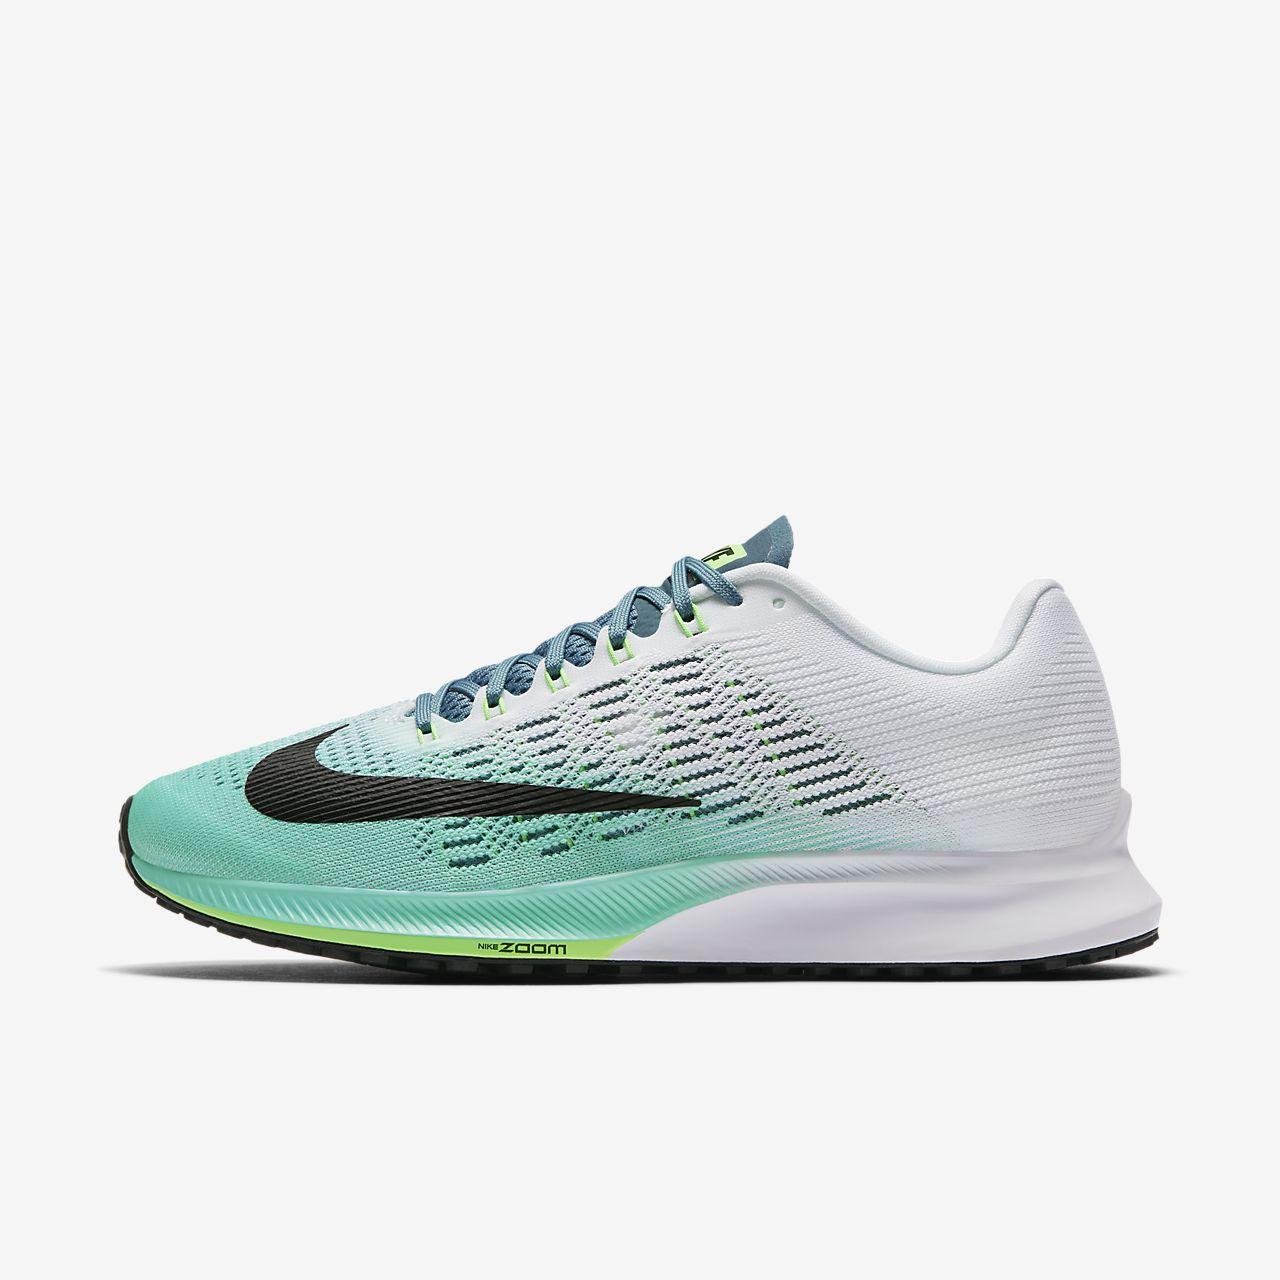 Air Hommes Zoom Élite 9 Chaussures De Course Nike gBFj7ze0